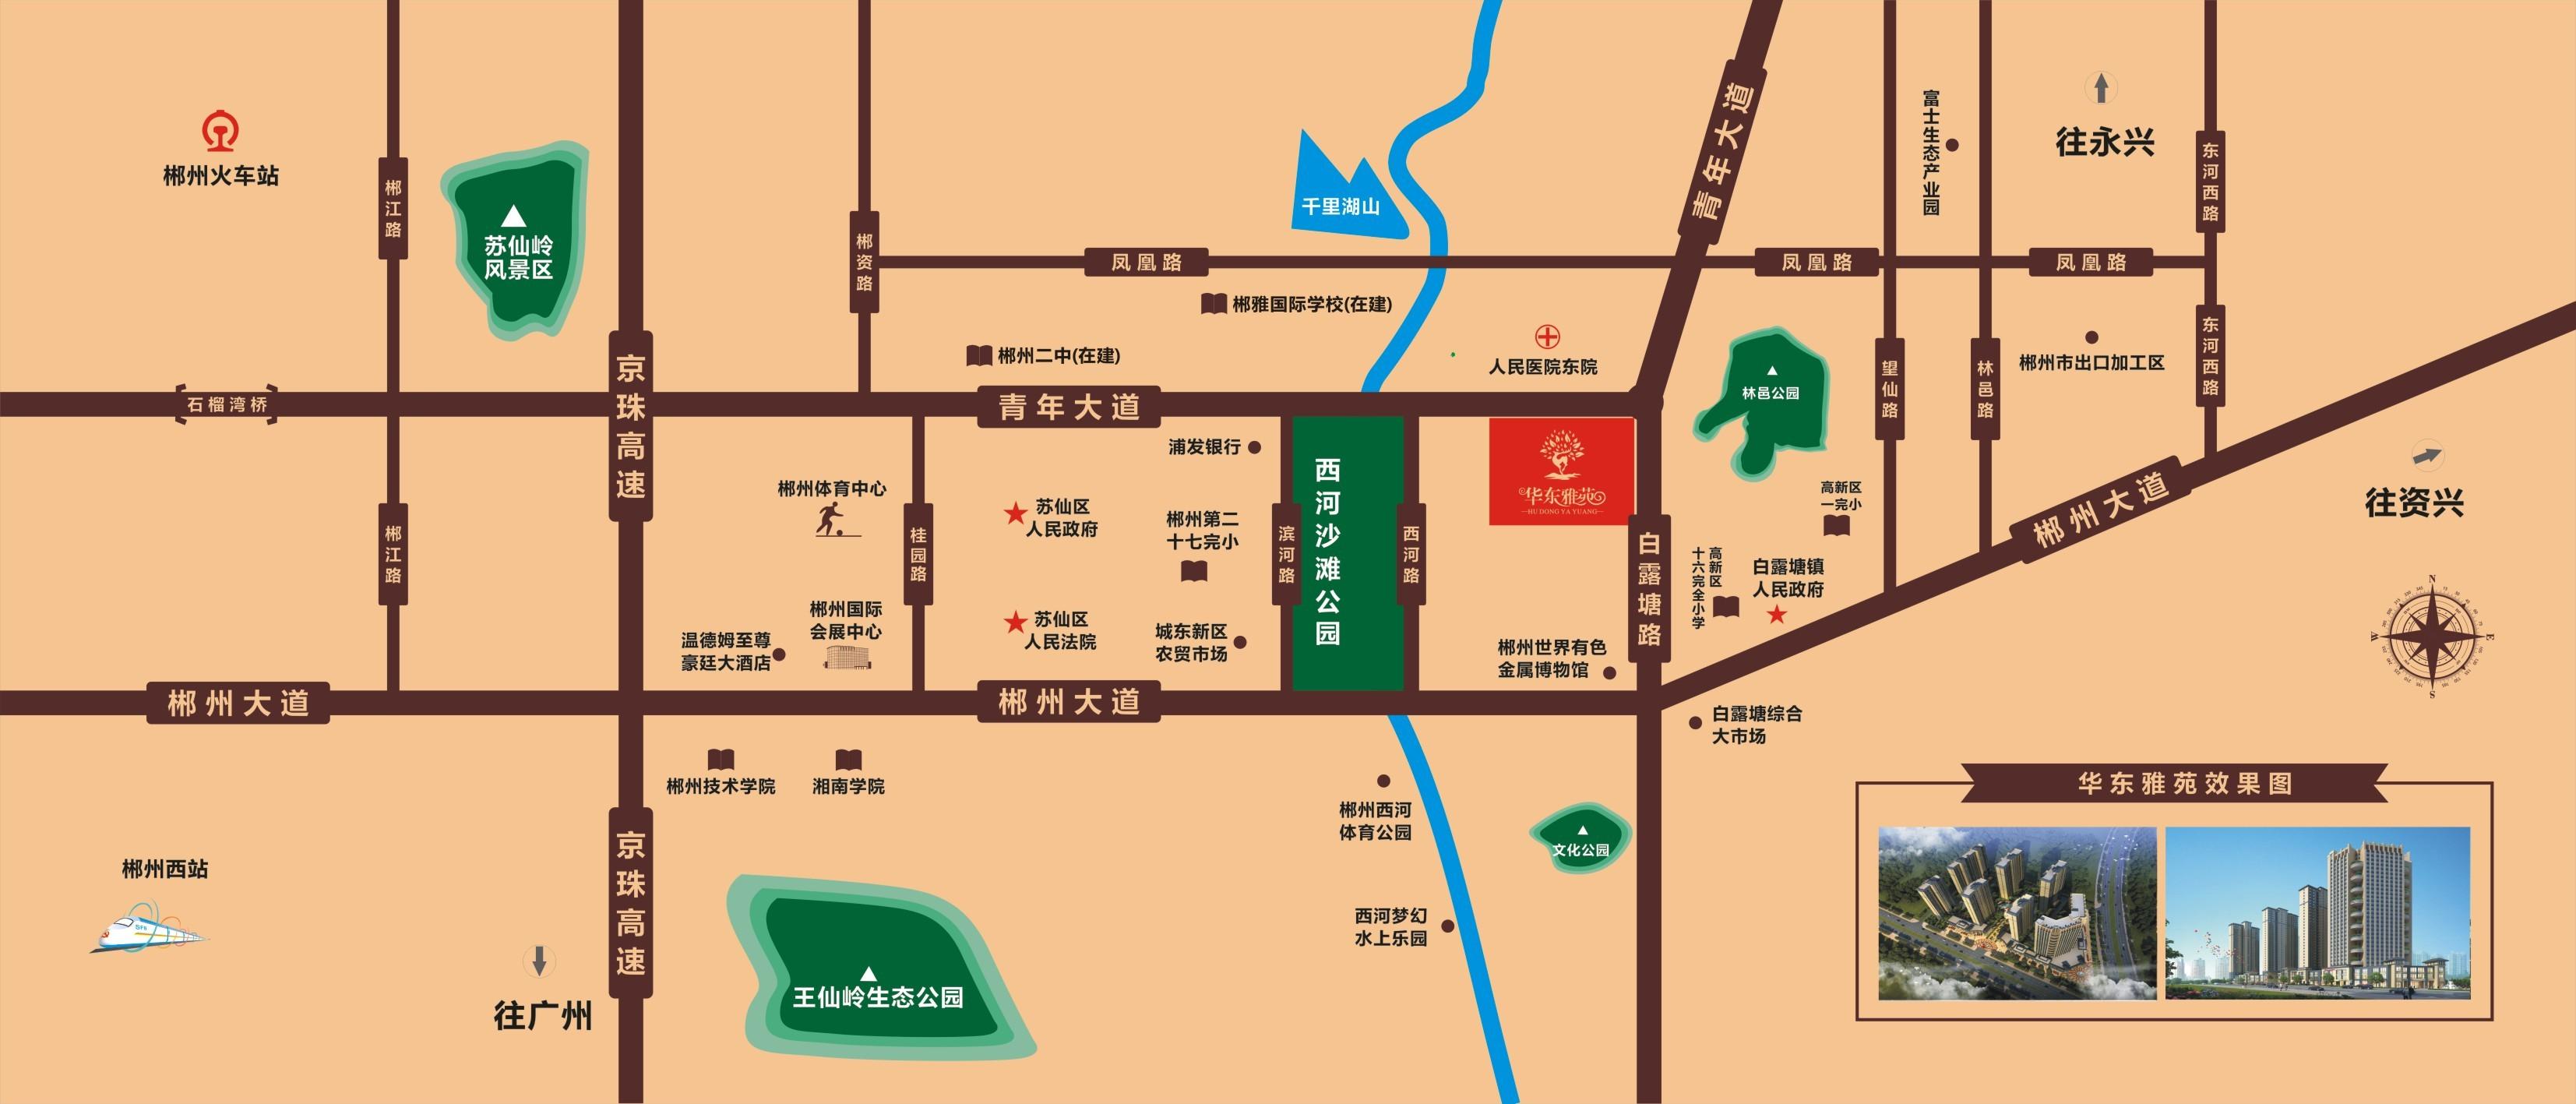 华东雅苑位置图